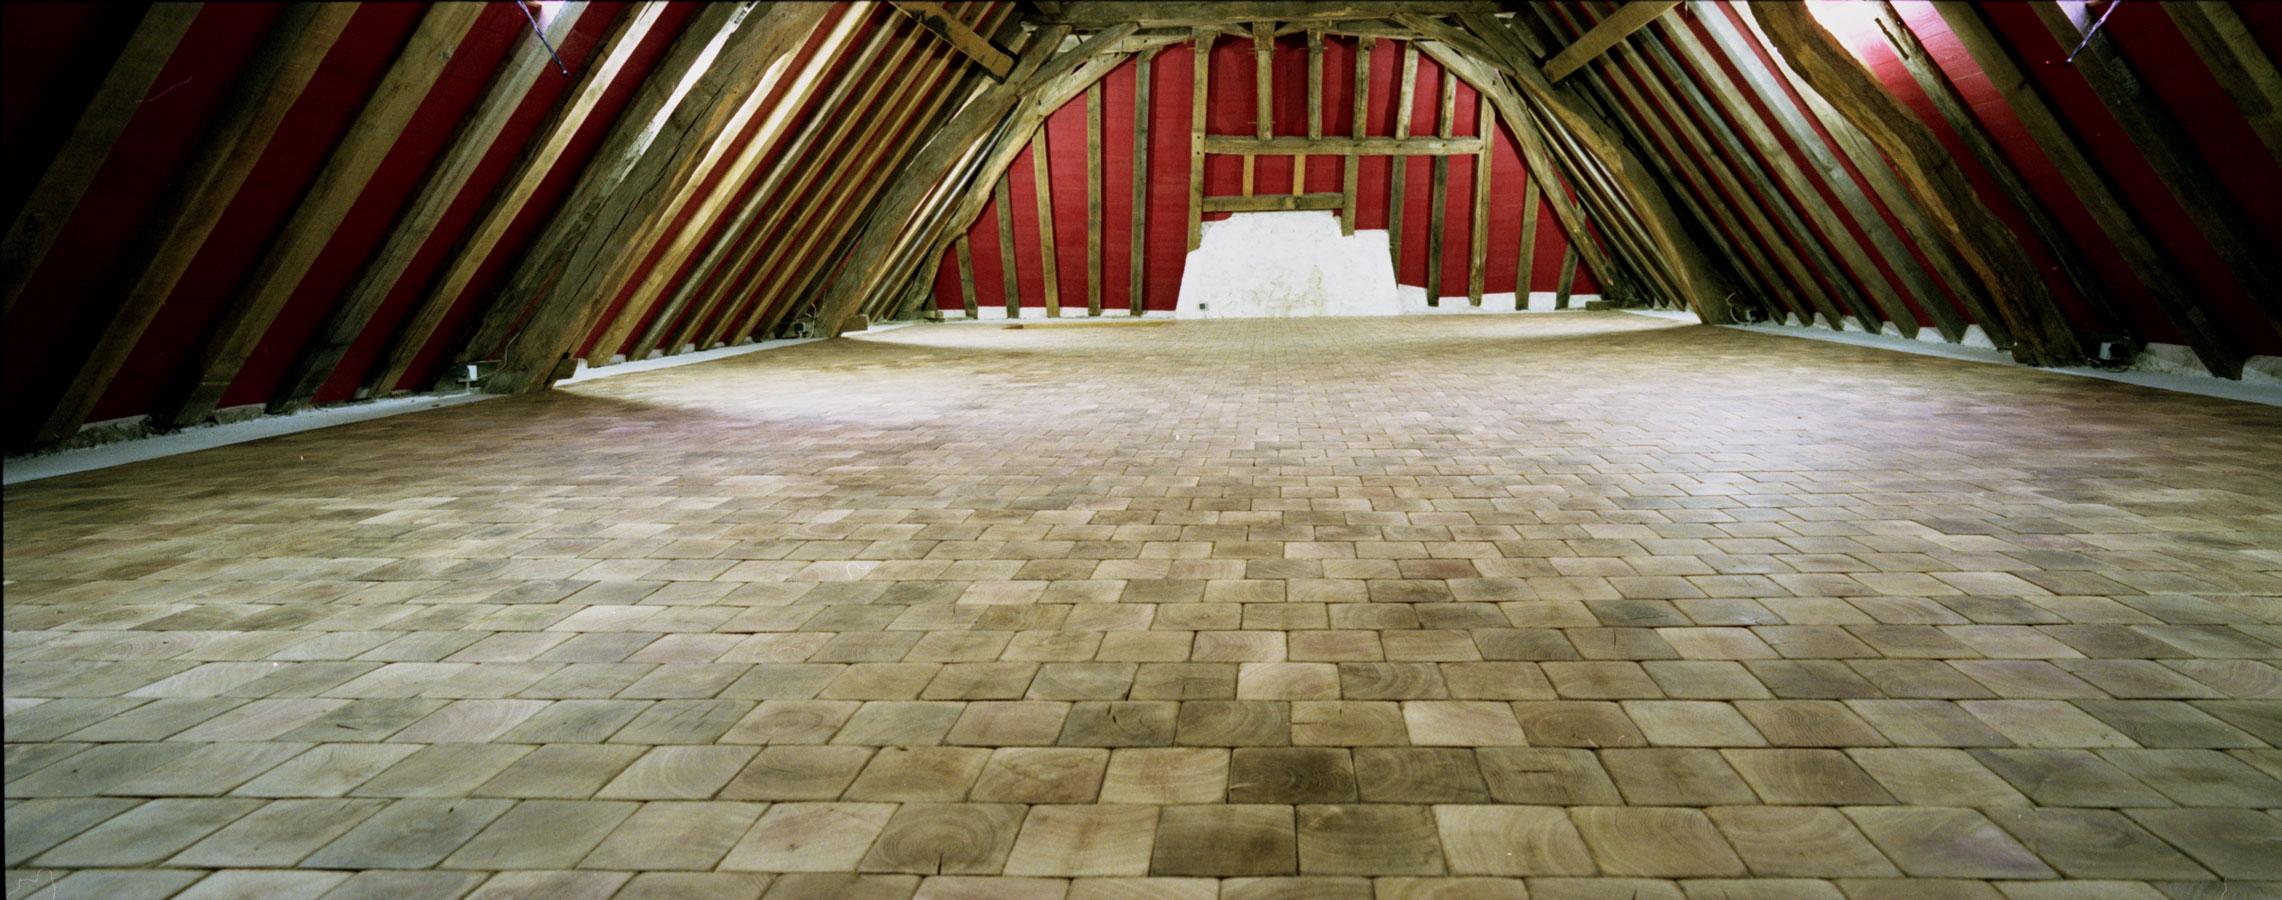 vue g n rale parquet pavage en bois debout dans une grande pi ce bien charpent e n 424. Black Bedroom Furniture Sets. Home Design Ideas